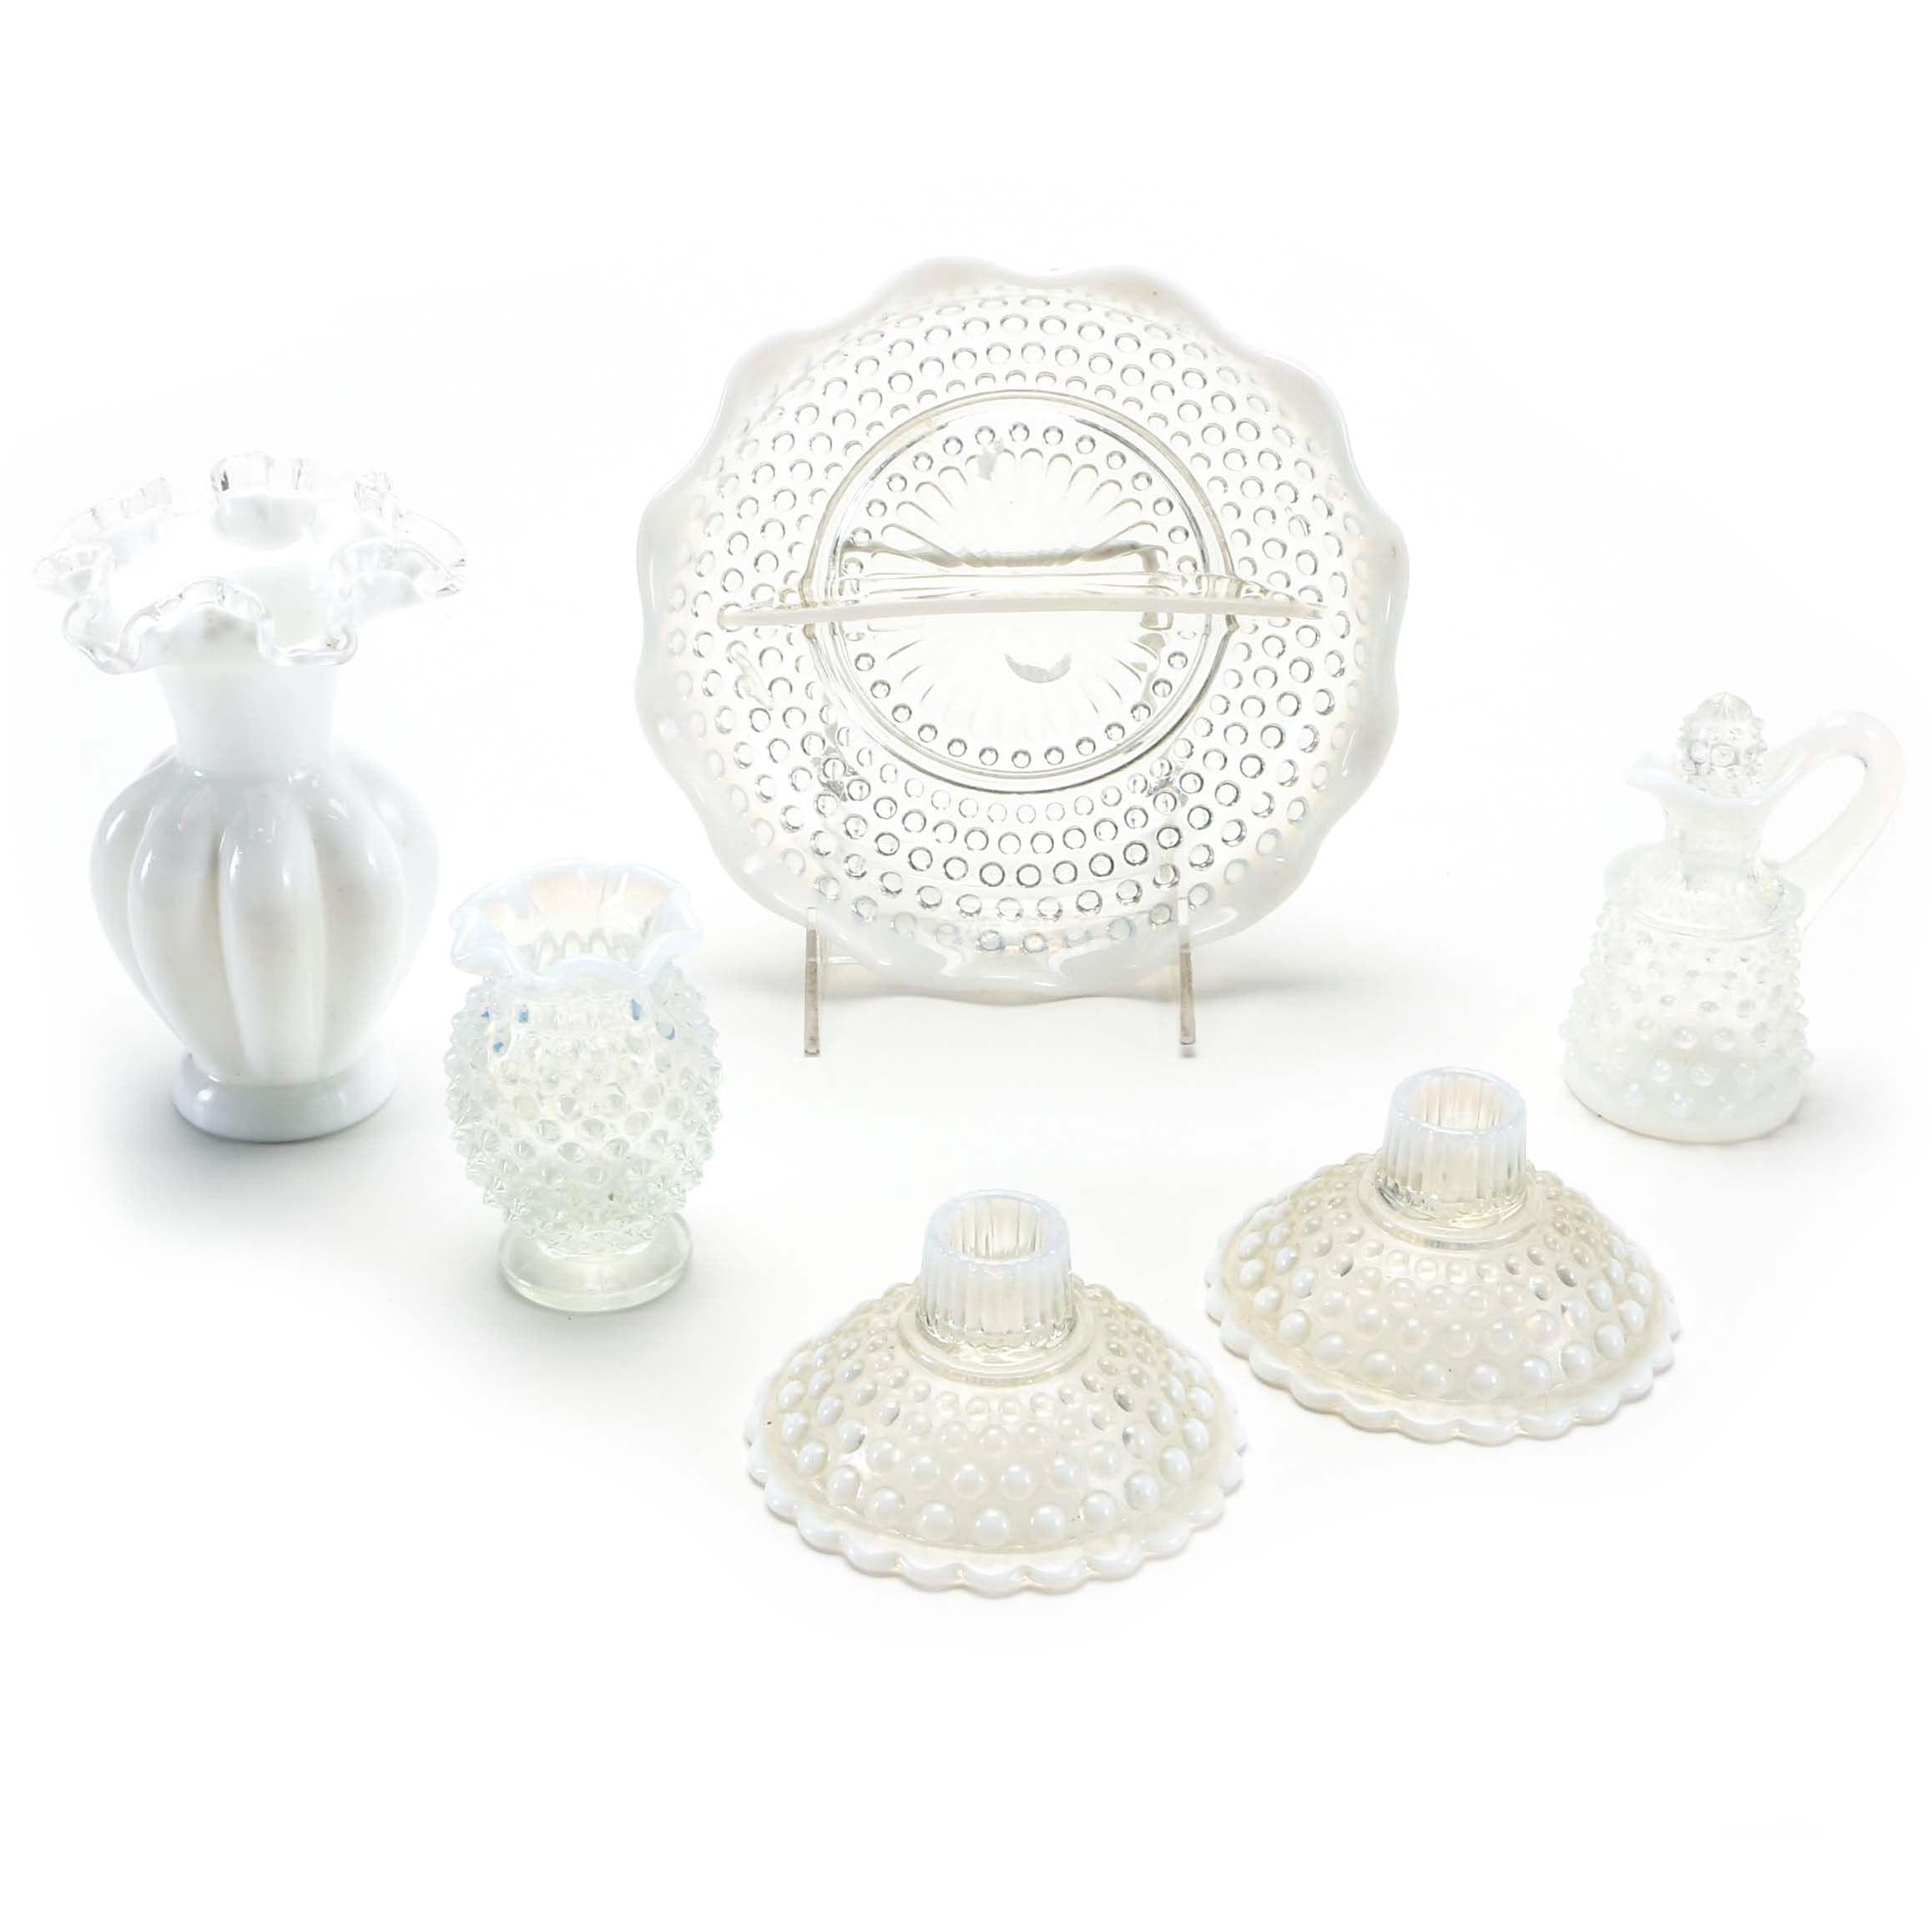 Glassware Featuring Milk Glass Vase